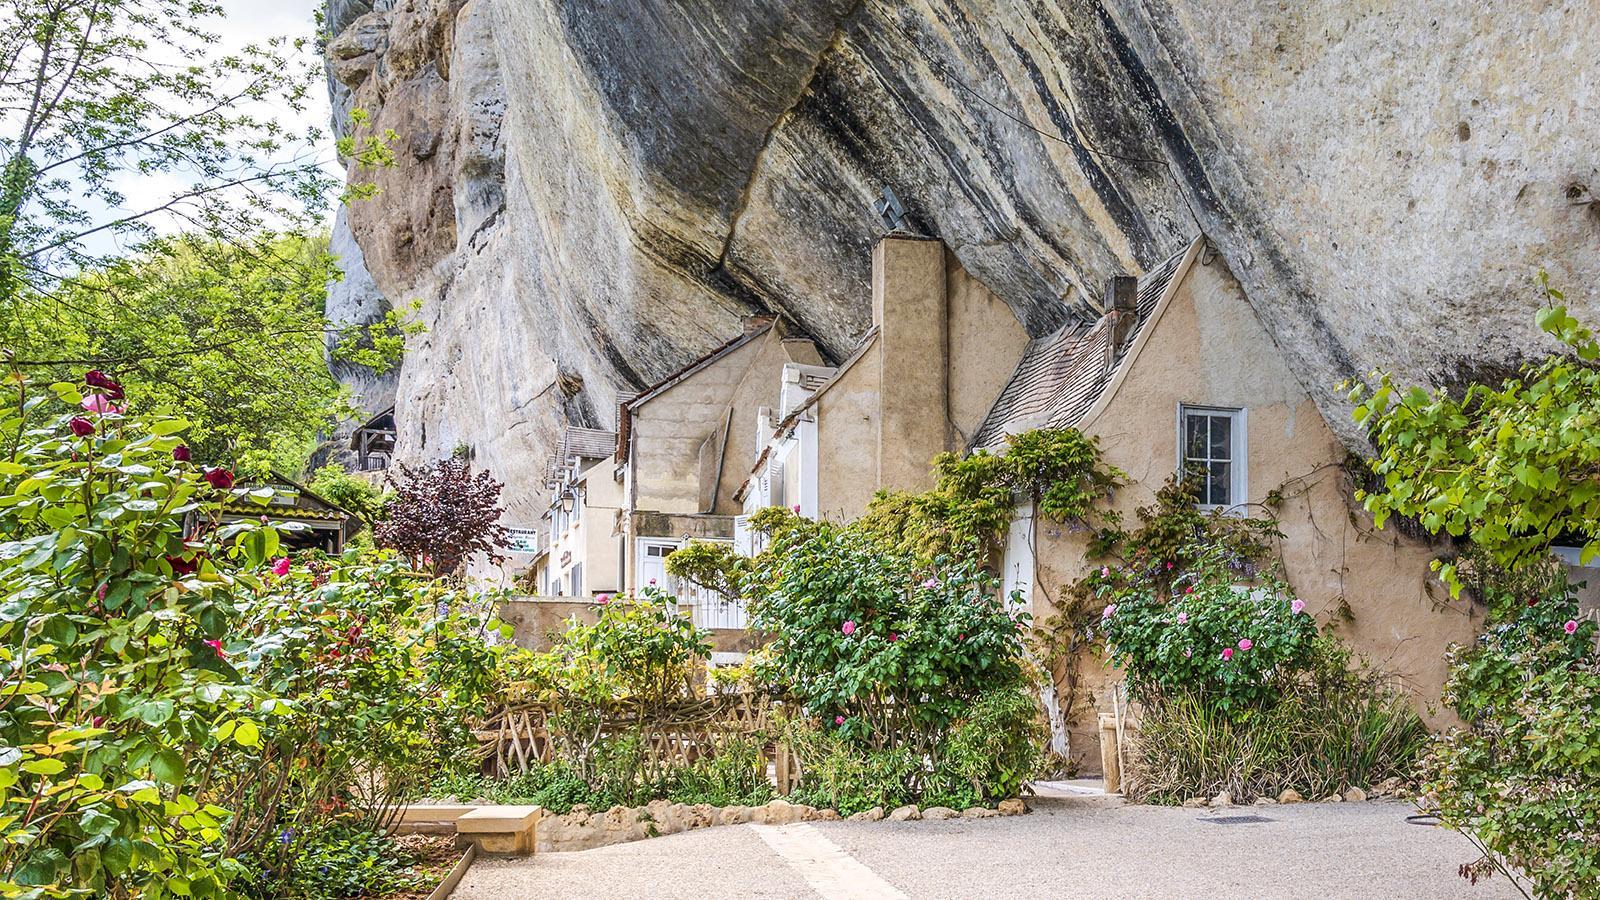 Malerisch: die Häuser des <em>Grand Roc</em> von Les Eyzies. Foto: Hilke Maunder